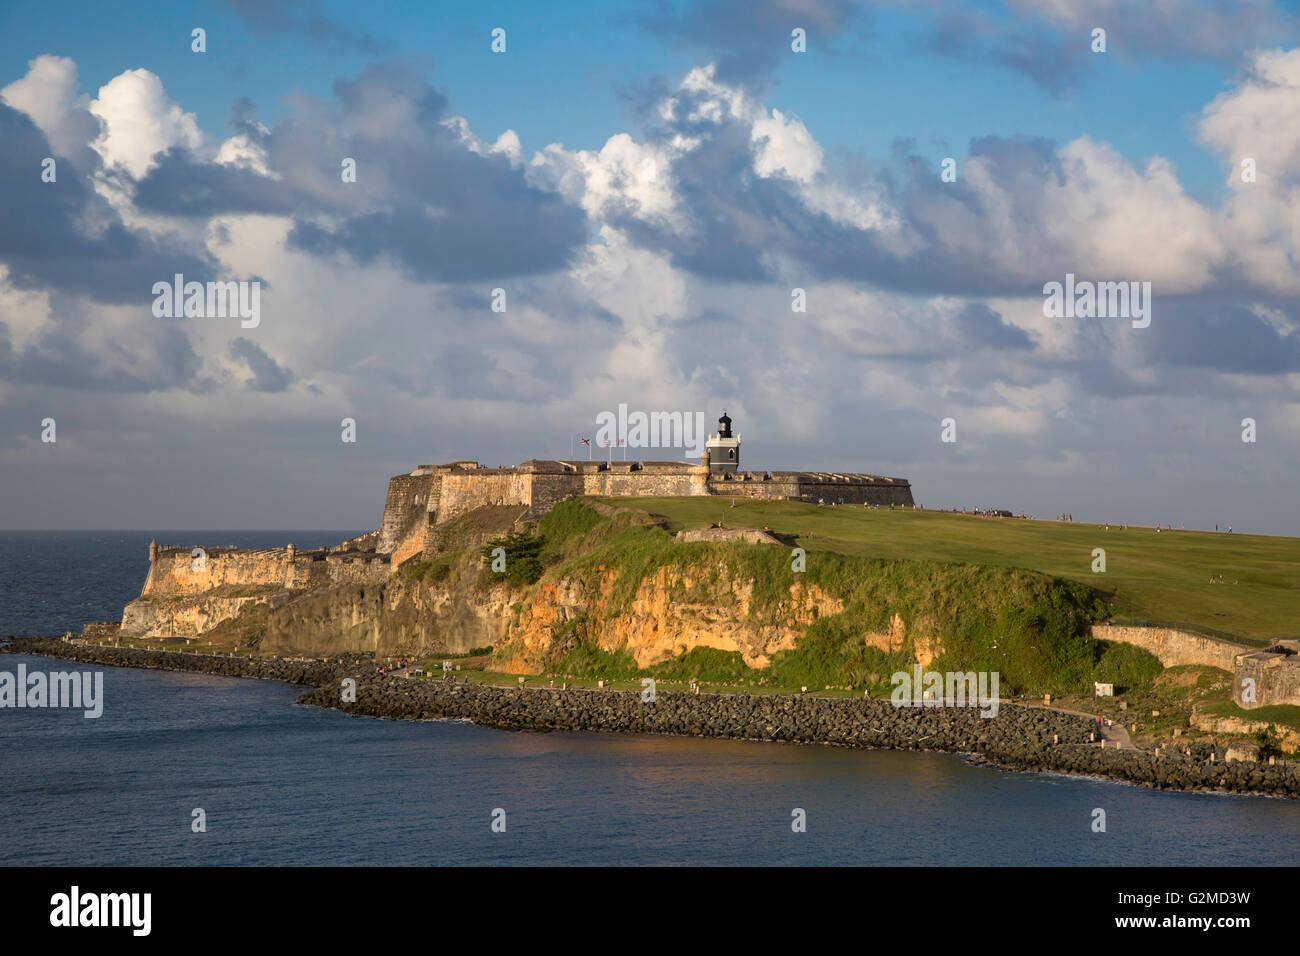 Ajuste la luz solar a través de la fortaleza El Morro, Old Town, san Juan, Puerto Rico Imagen De Stock